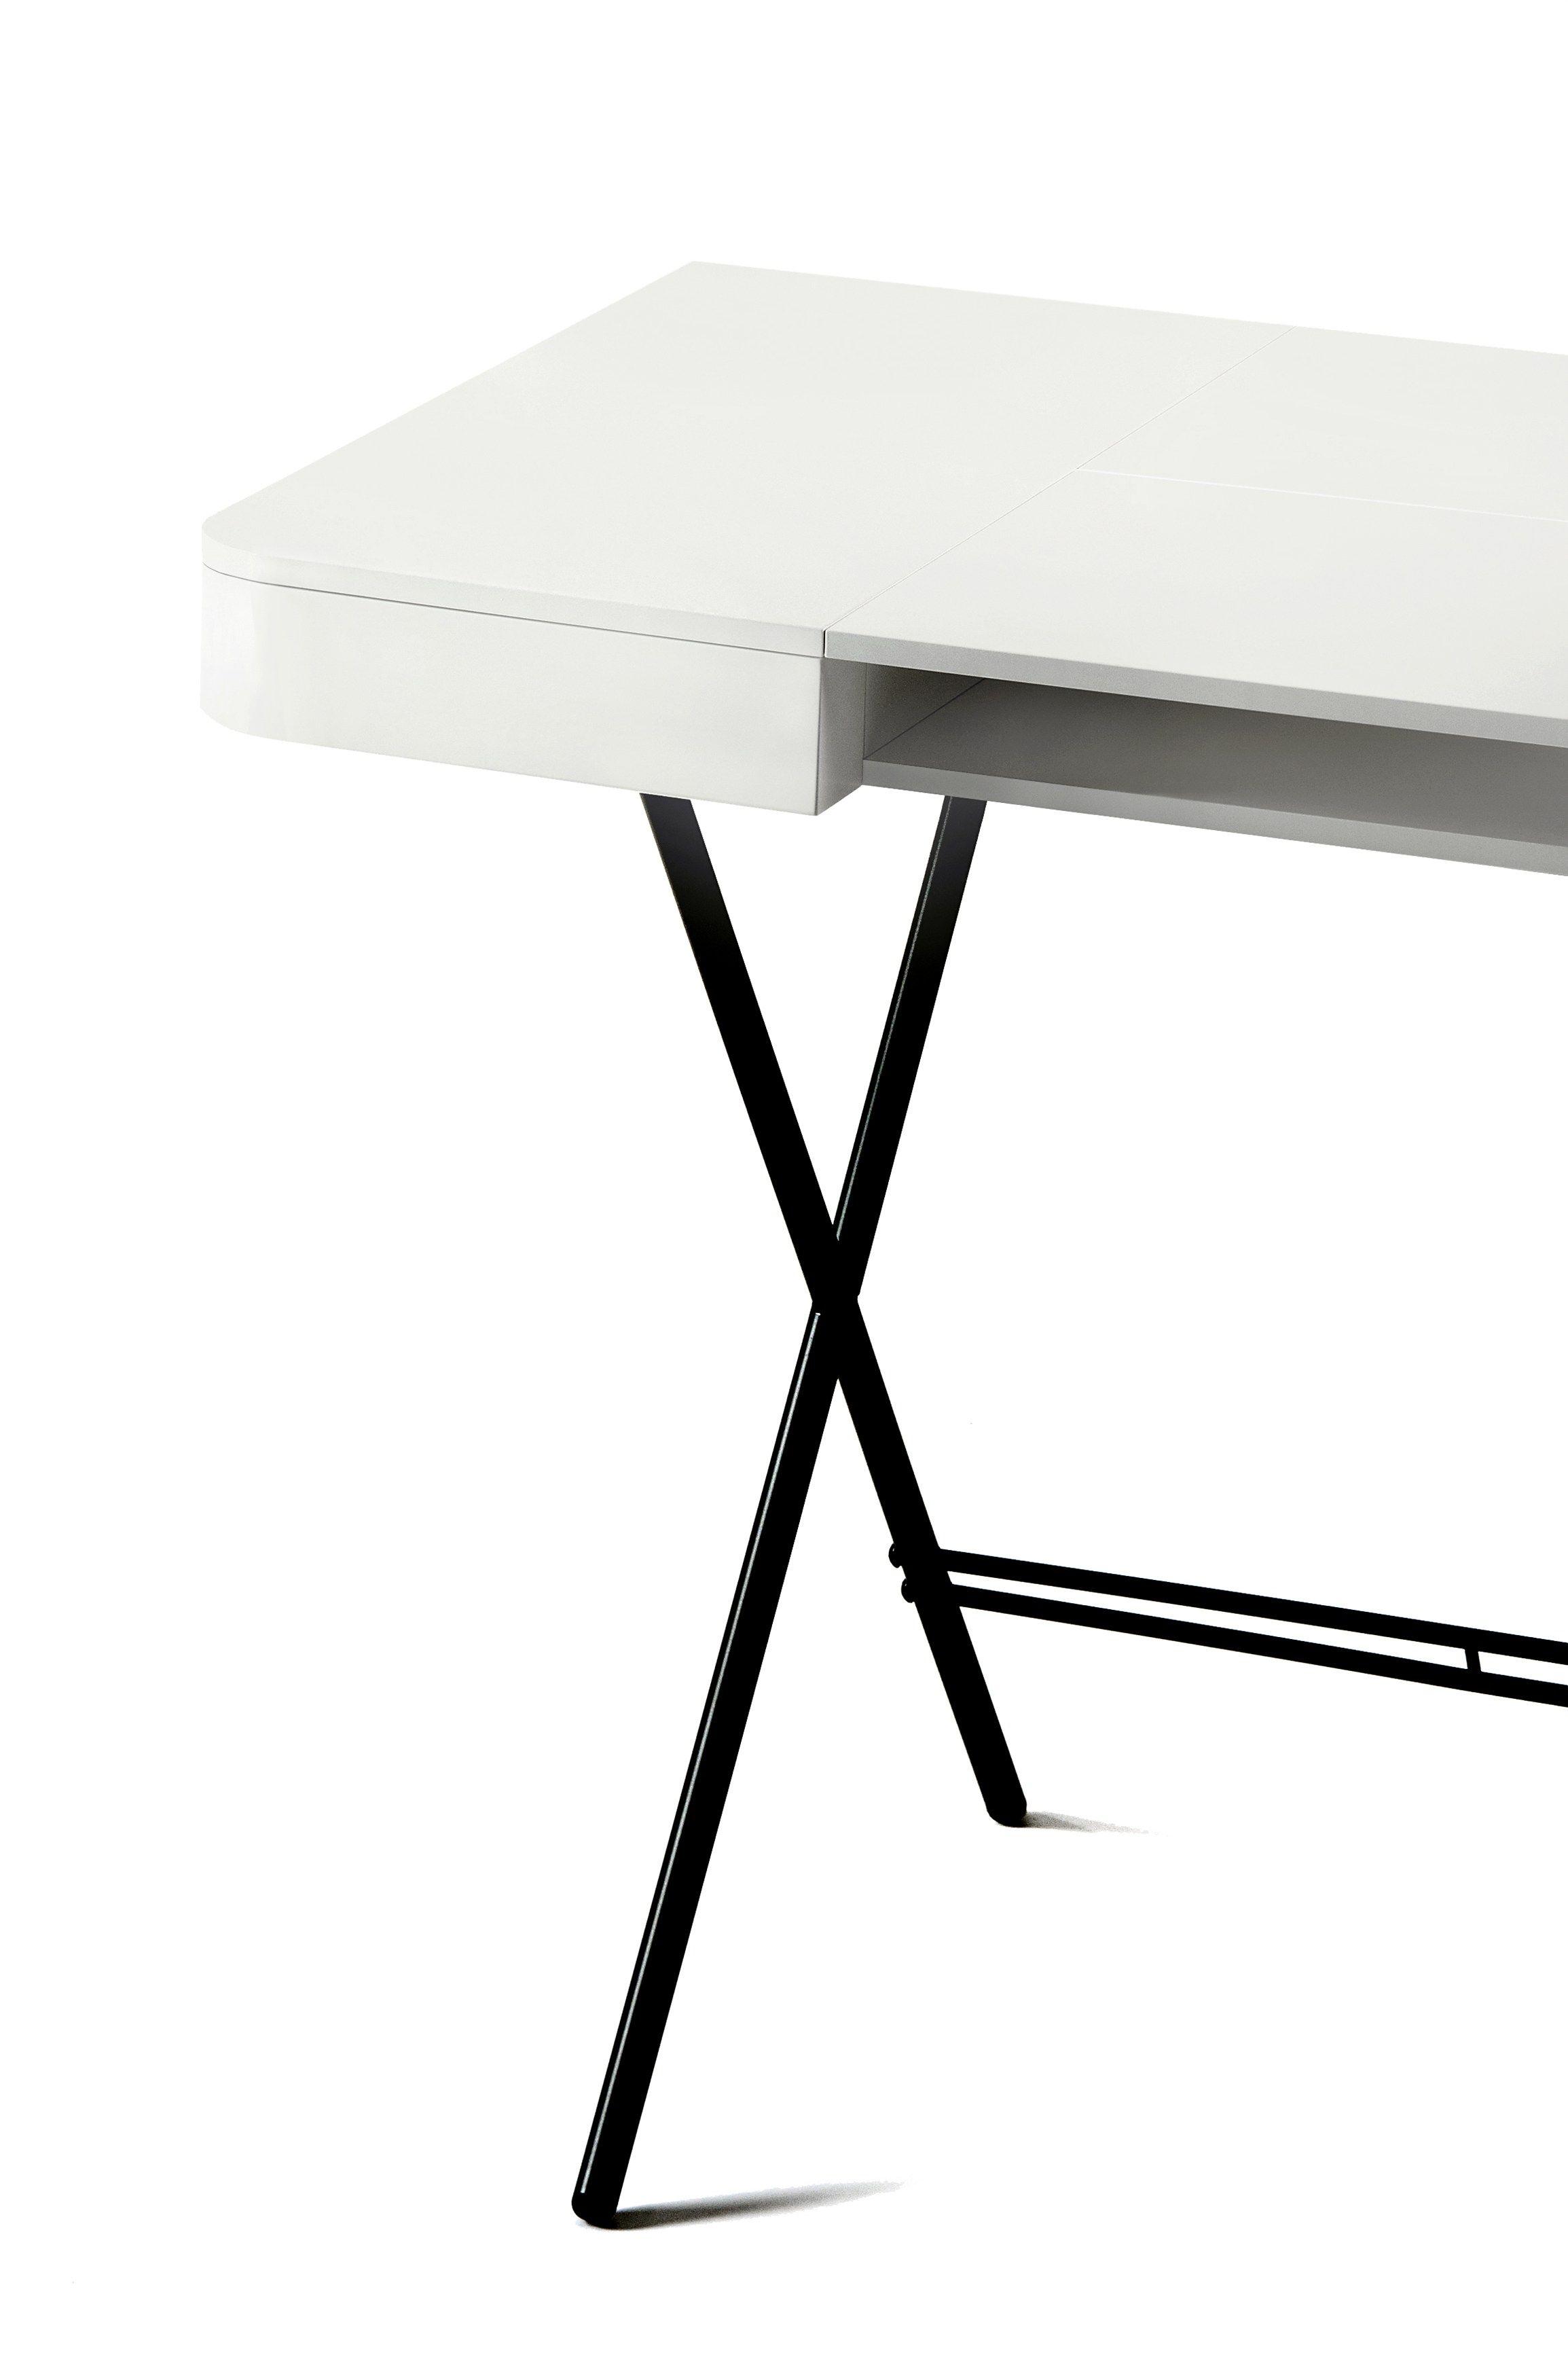 Schreibtisch Aus MDF Mit Schubladen COSIMO LAQUÉ BLANC MAT   MDF Kollektion  Cosimo By Adentro Design Marco Zanuso